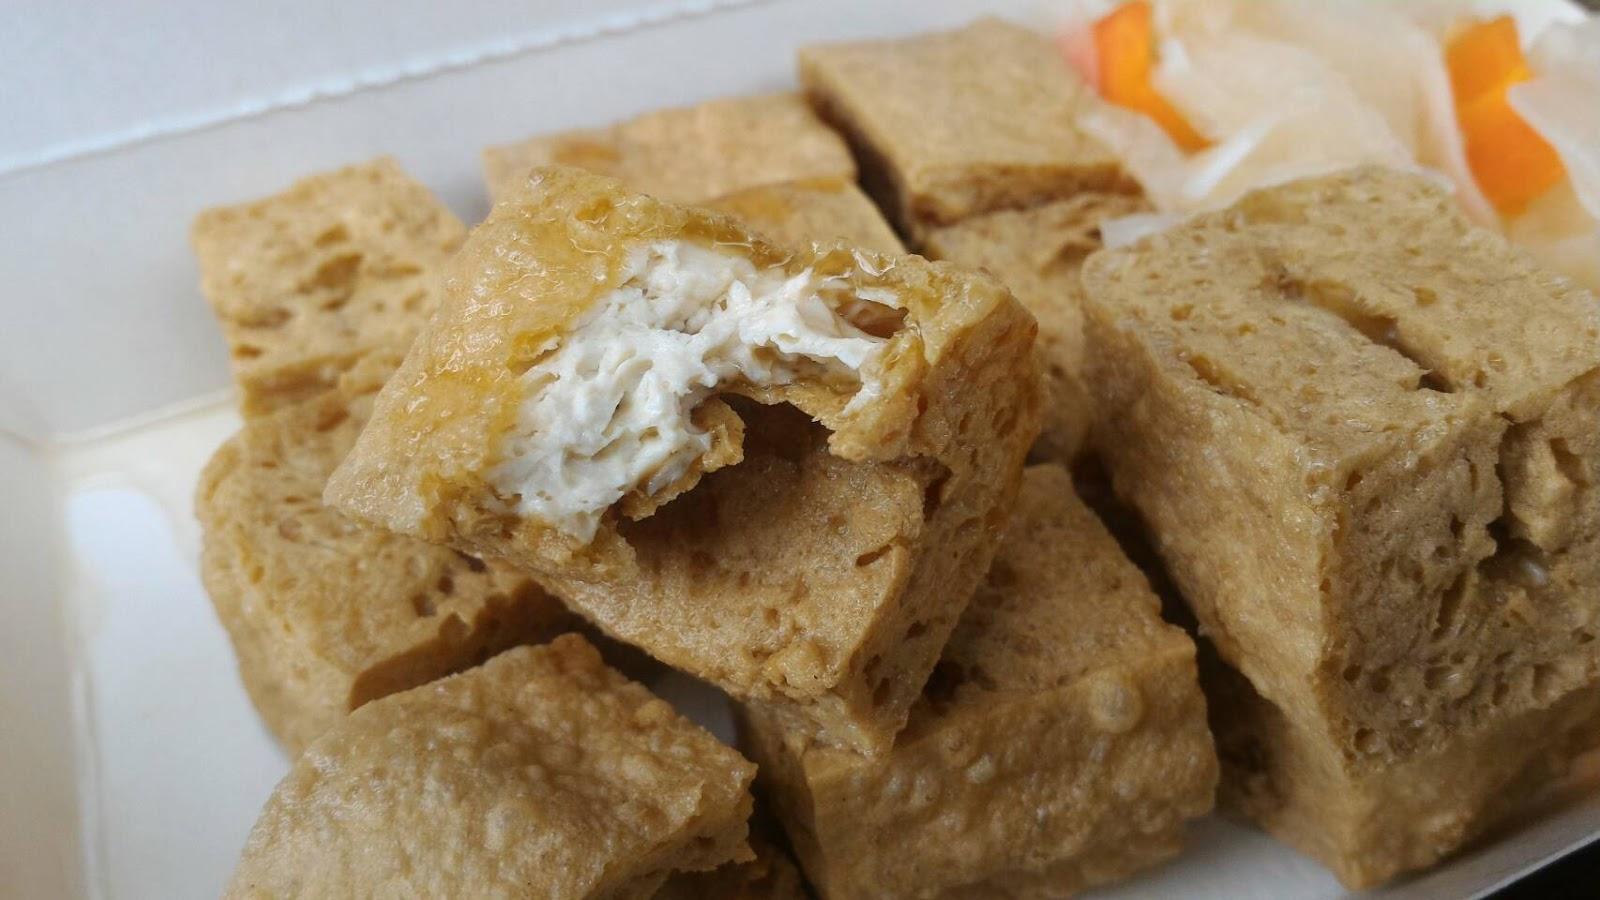 屏東美食推薦 一碗豆腐